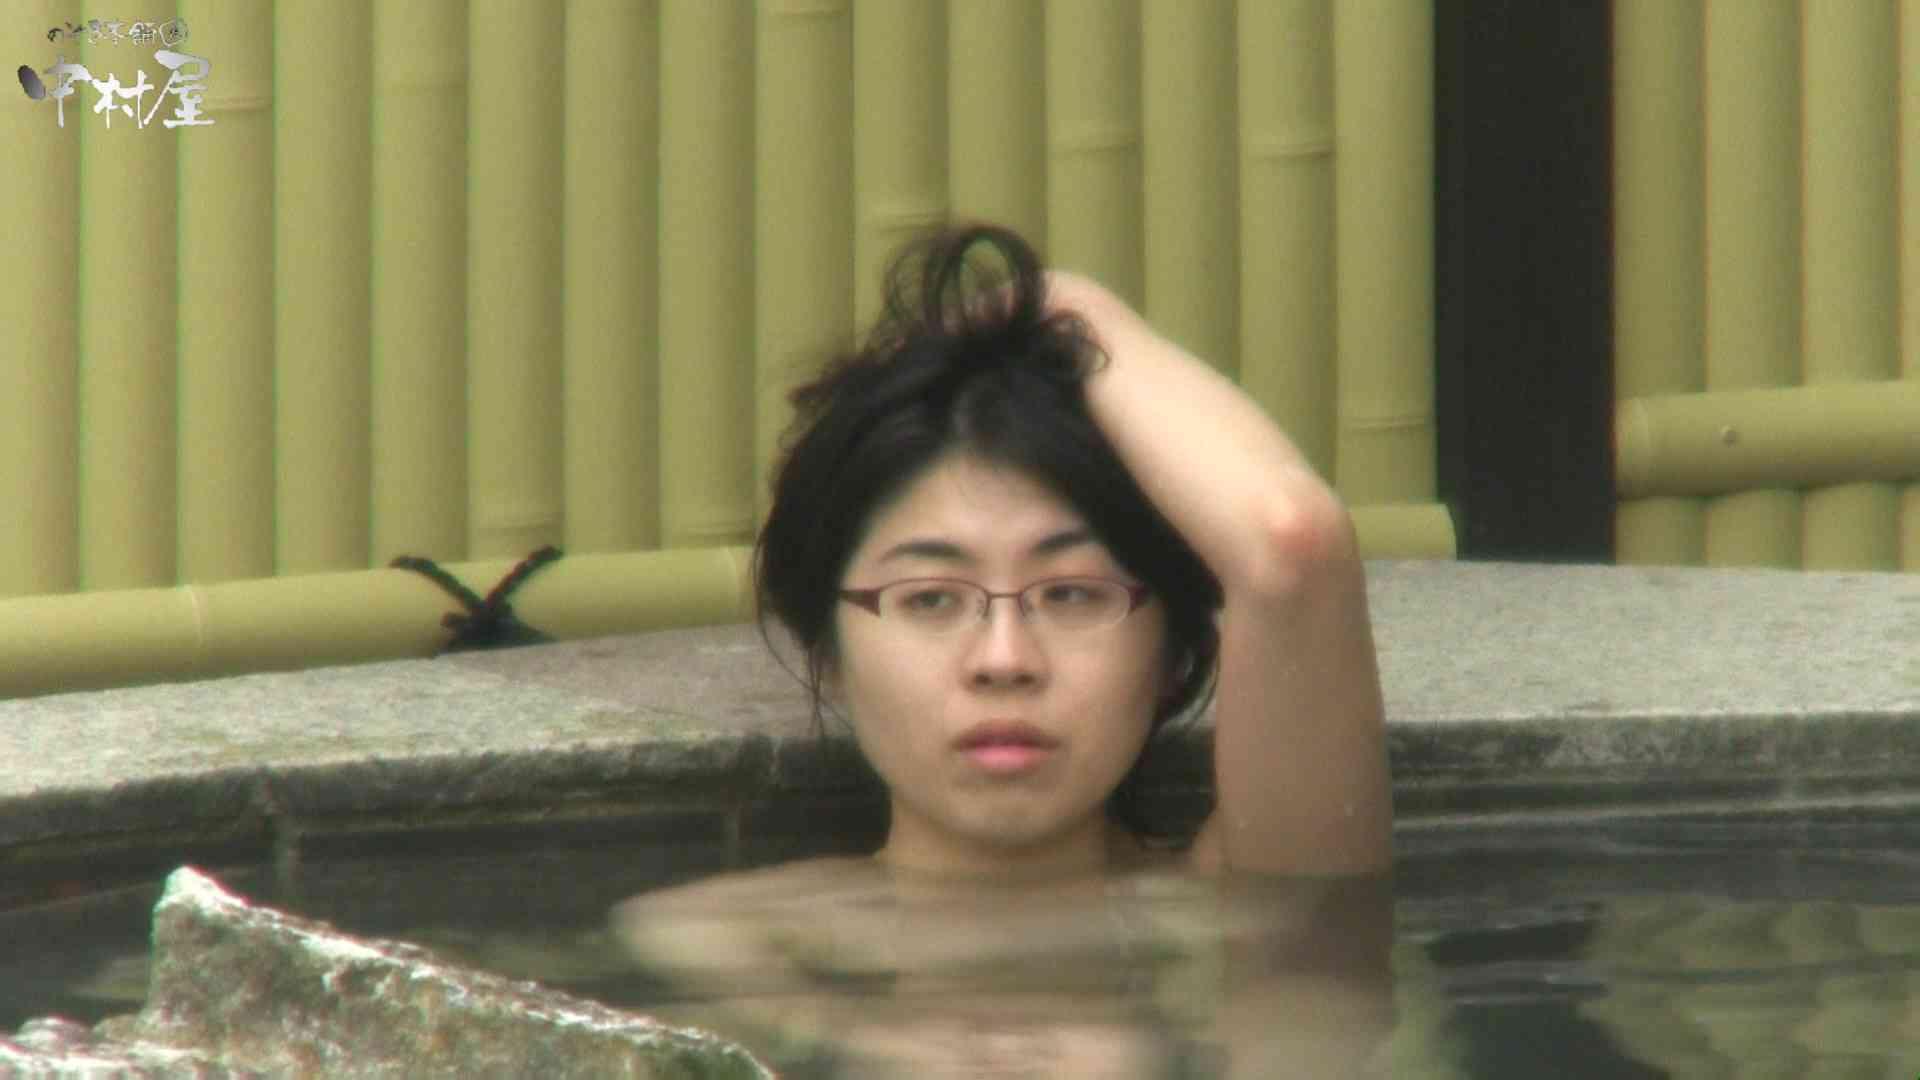 Aquaな露天風呂Vol.947 OLハメ撮り  61Pix 23